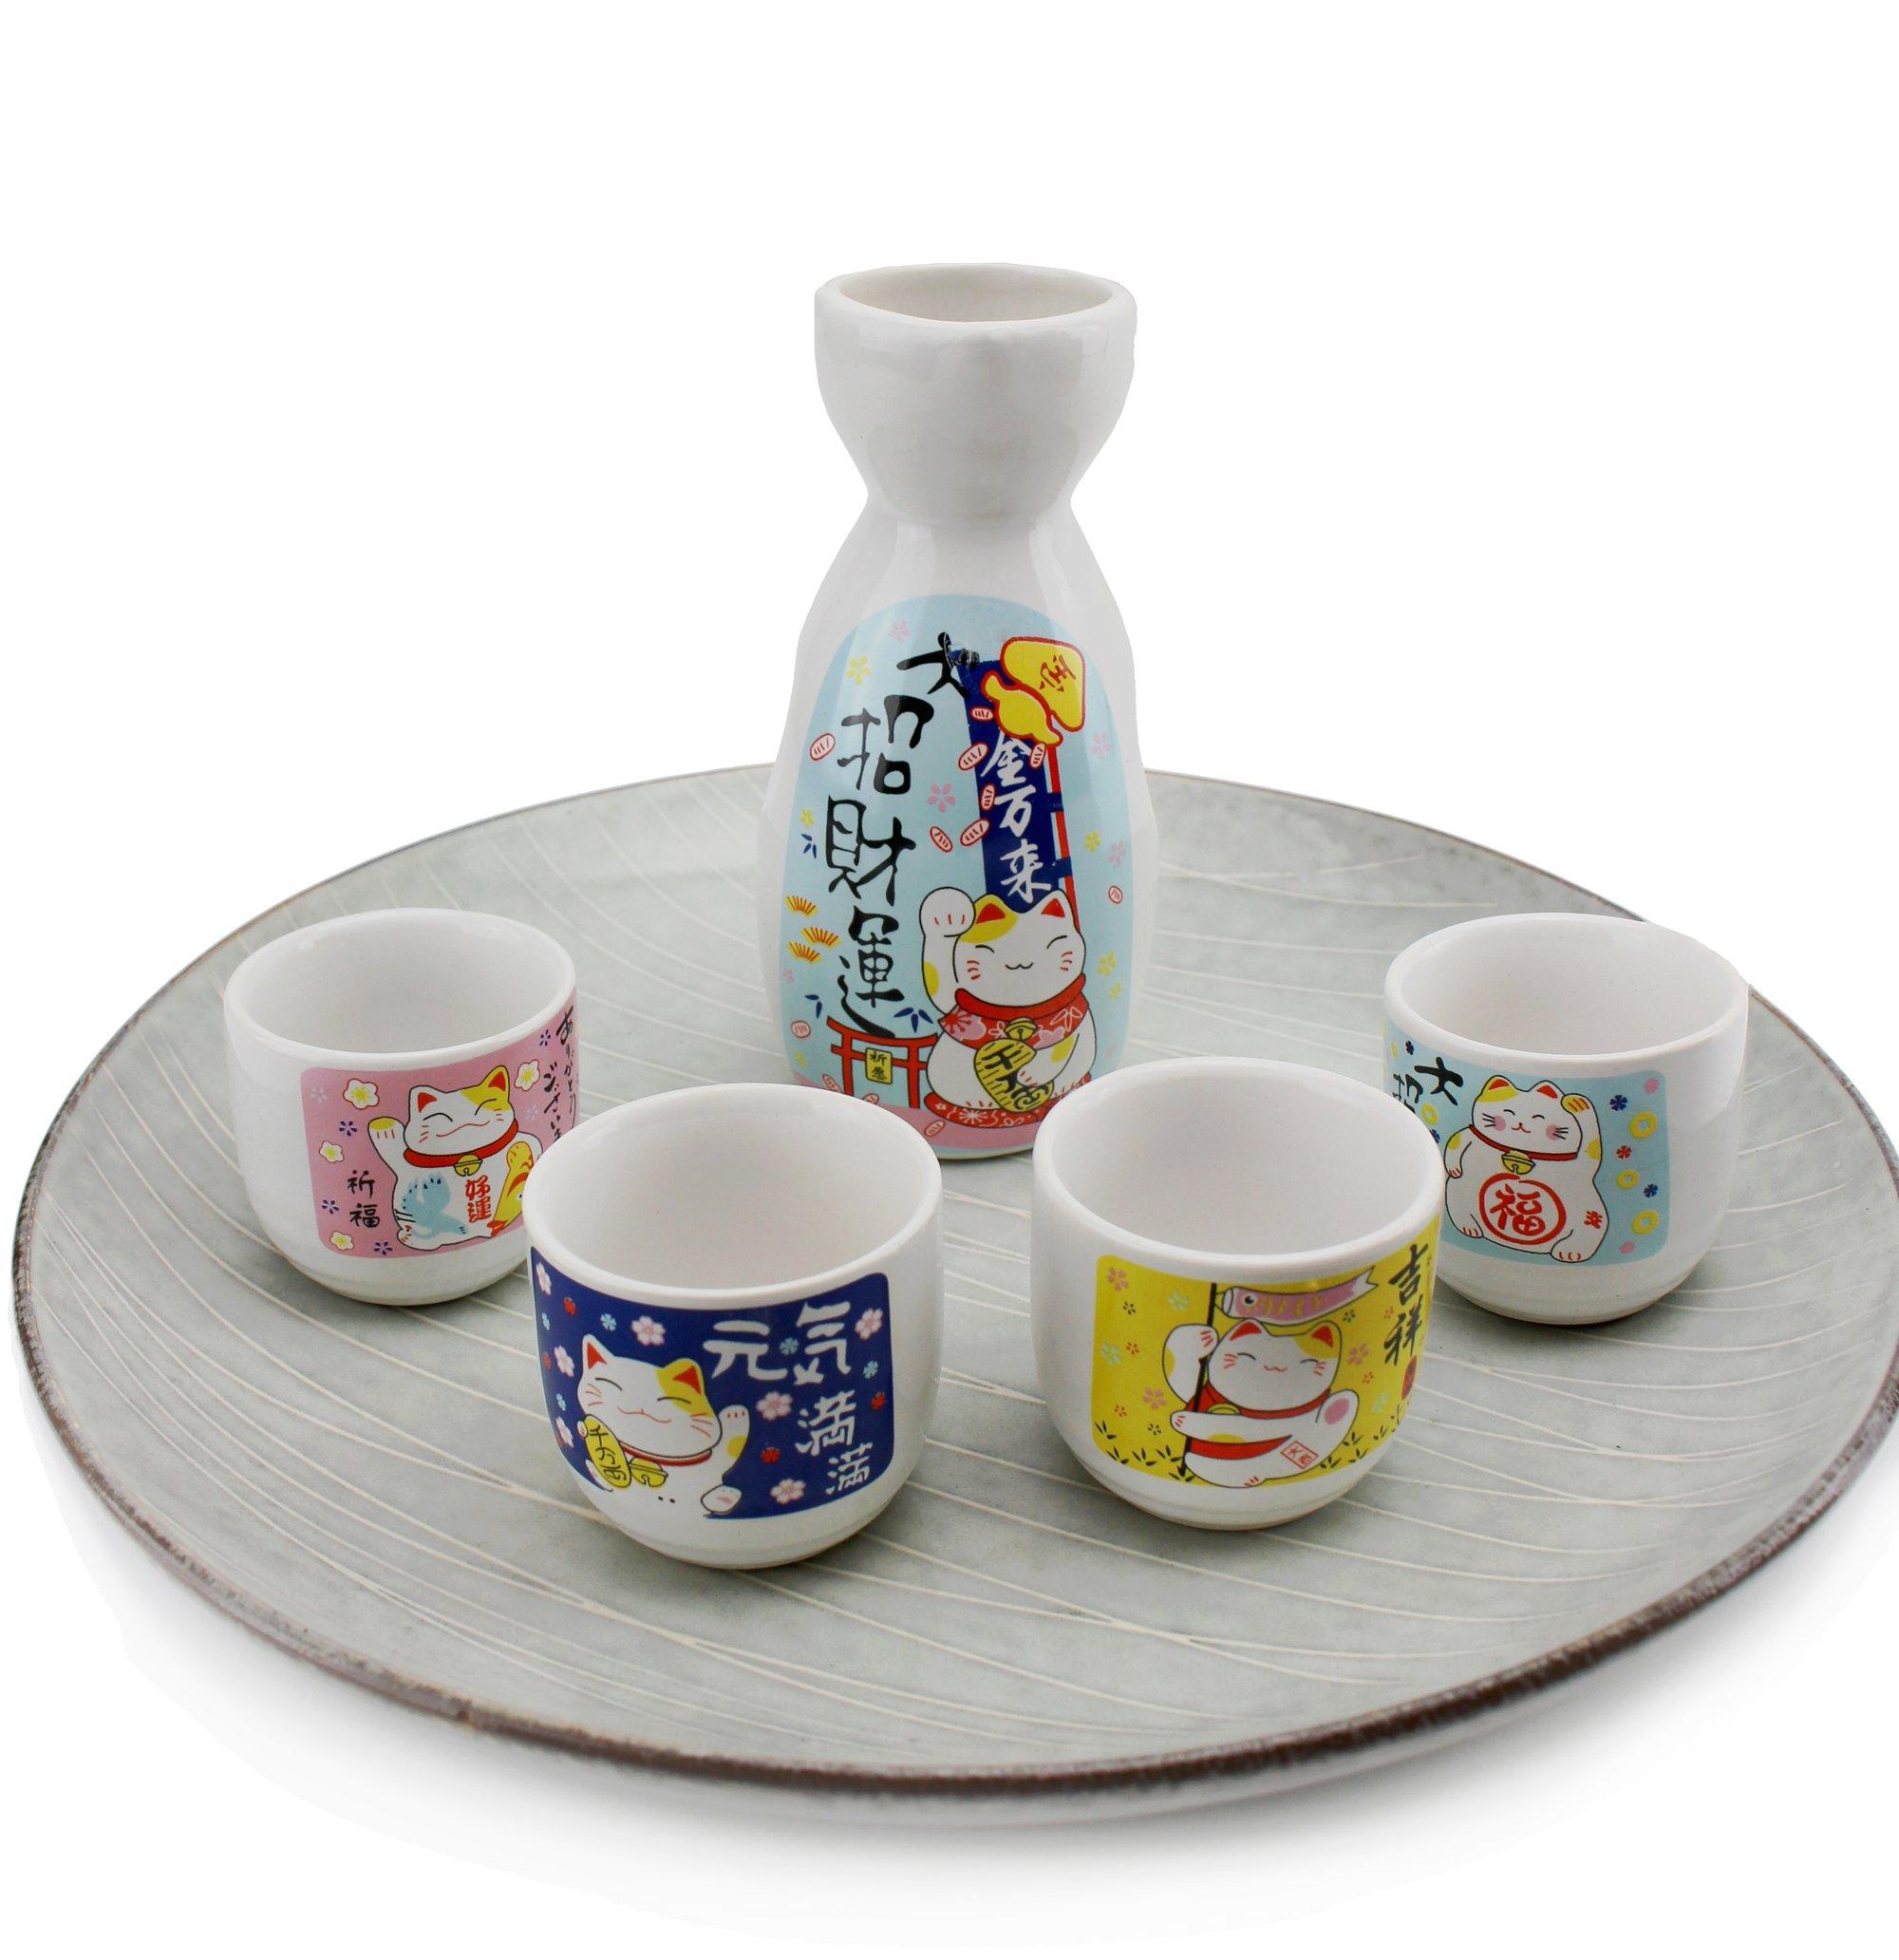 Traditional Japanese Porcelain Sake Set ~ Japanese Maneki Neko Lucky Cat 4 Cups 1 Decanter / Carafe / Sake Set / House warming / Gift / Birthday Gift / Japanese / Wine Glass / Kitchen / Asian (F15708)